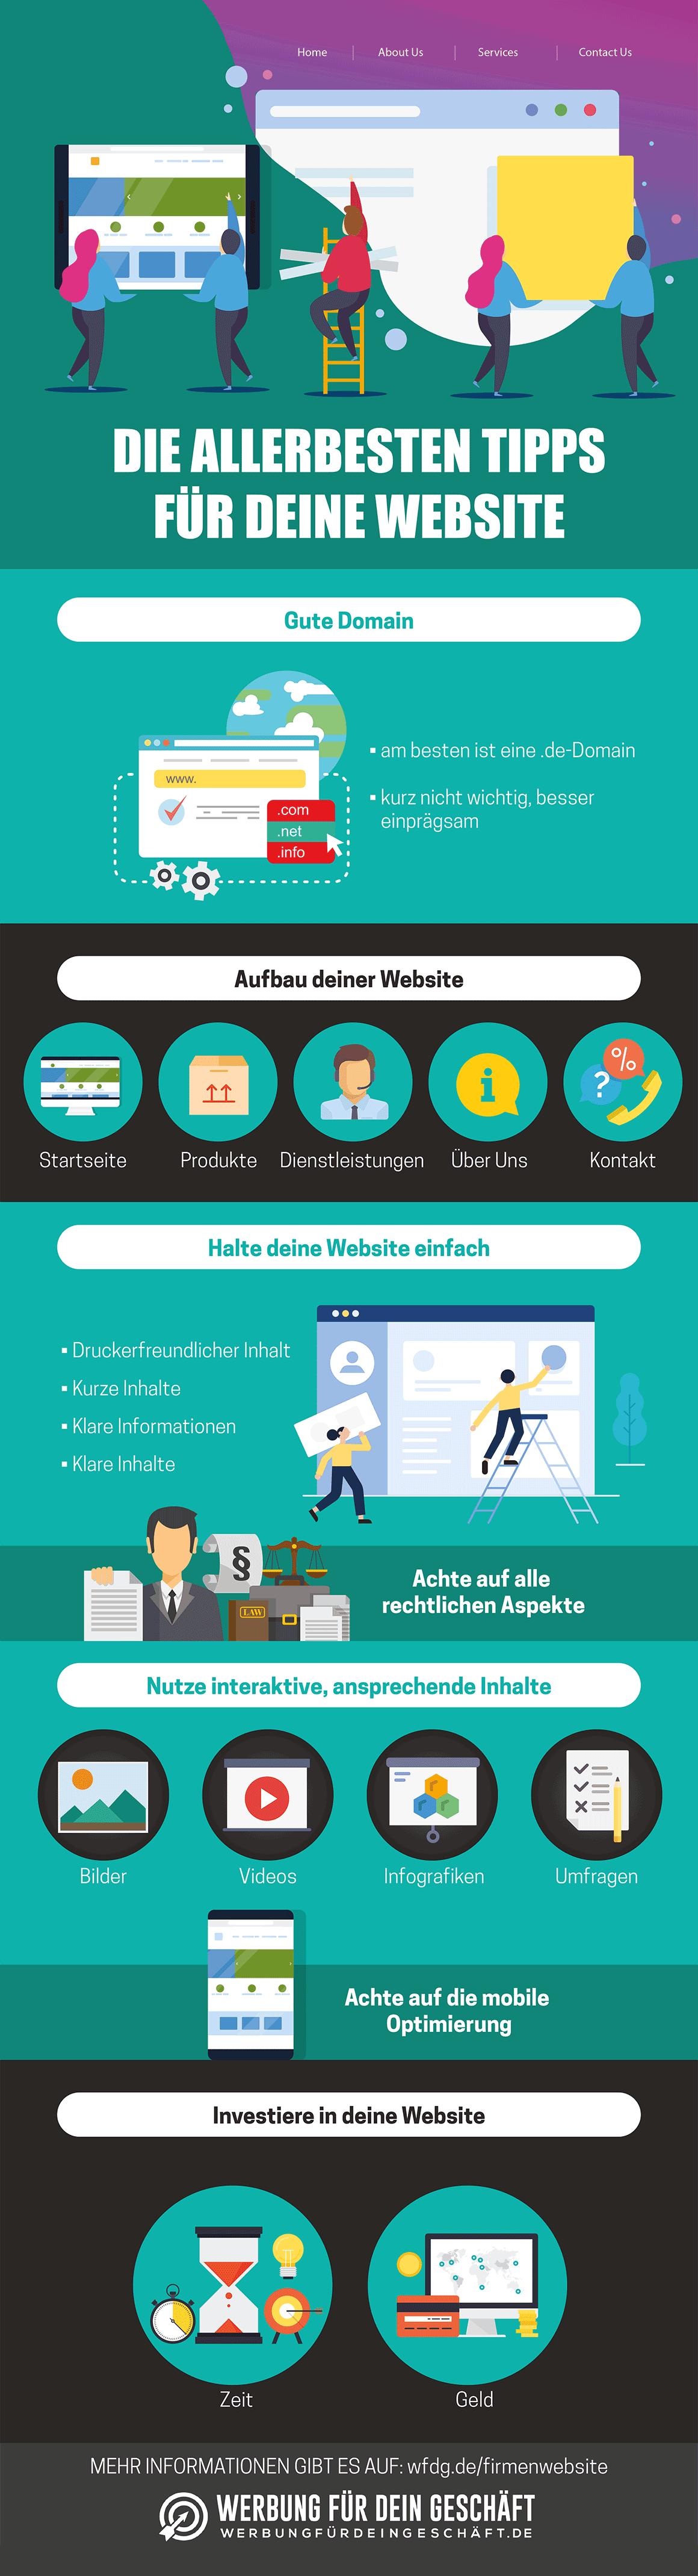 Infografik zu den besten Tipps deiner Website